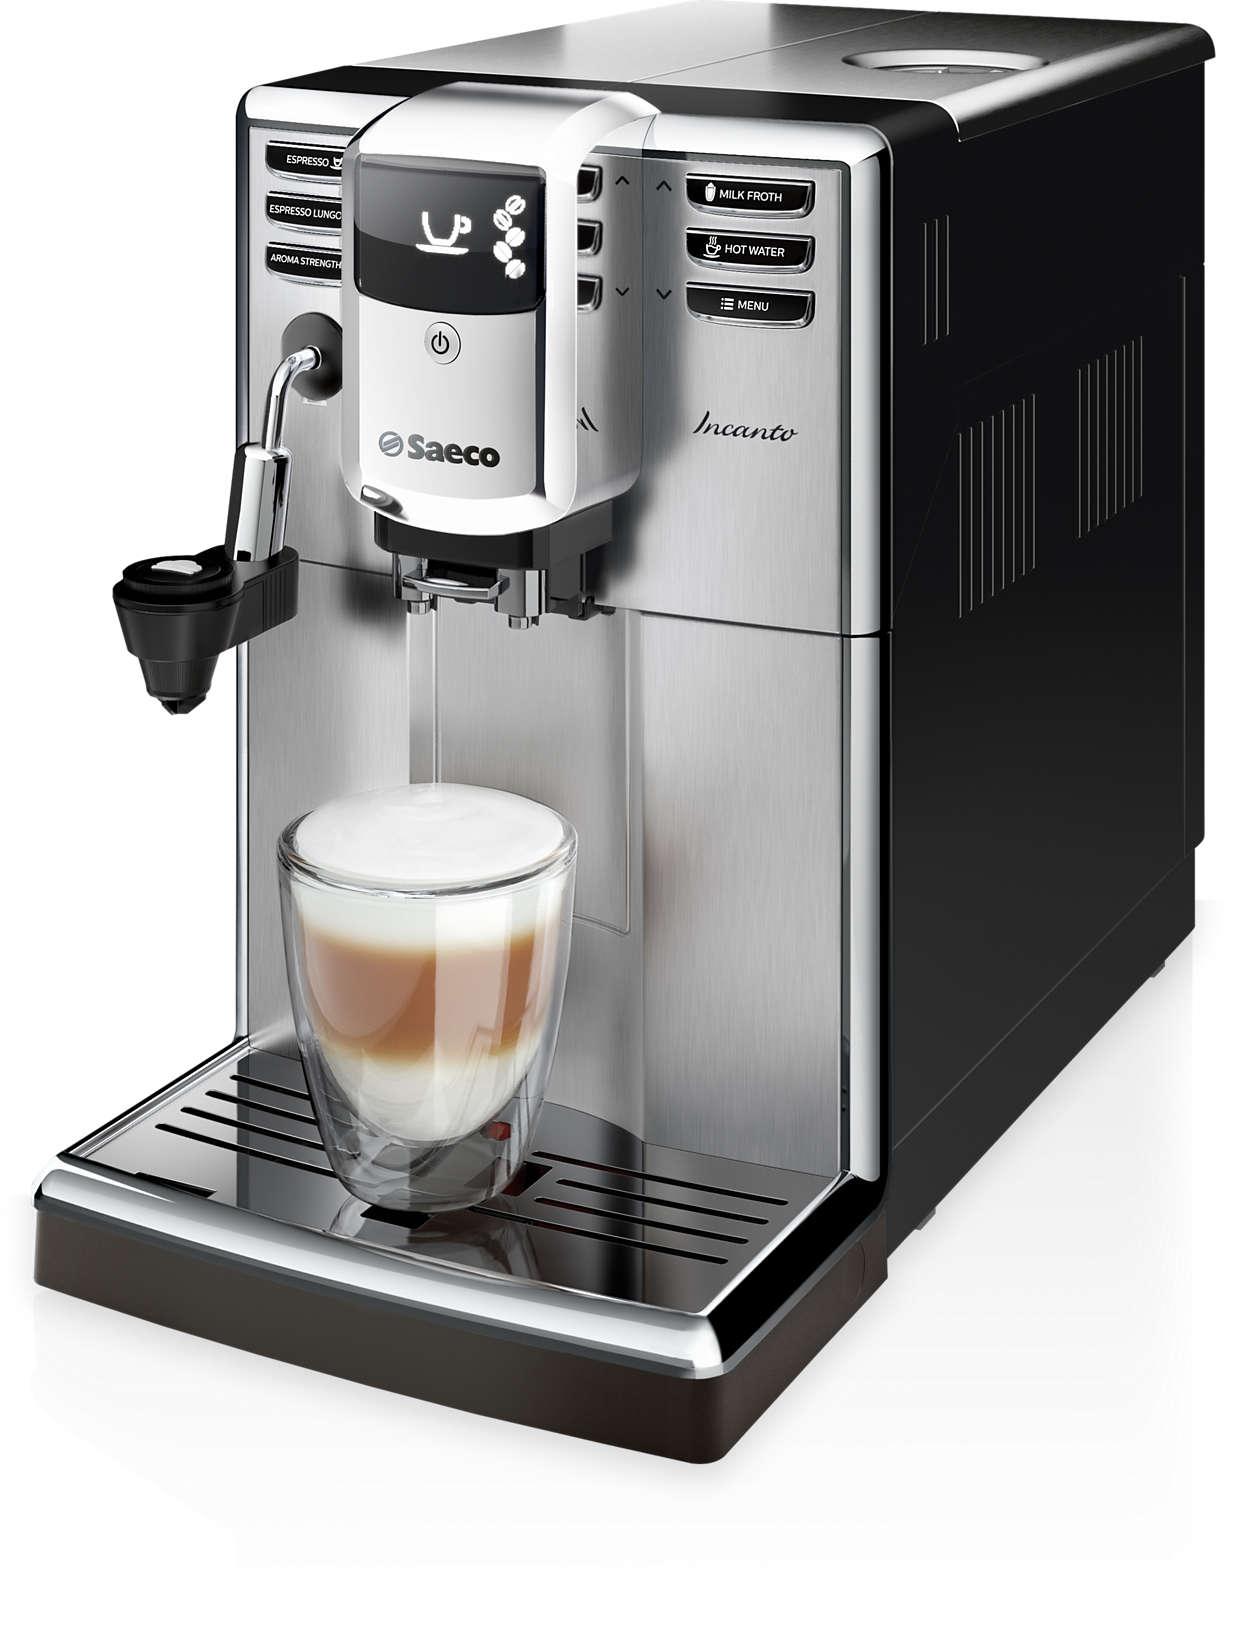 incanto super automatic espresso machine hd8914 01 saeco. Black Bedroom Furniture Sets. Home Design Ideas